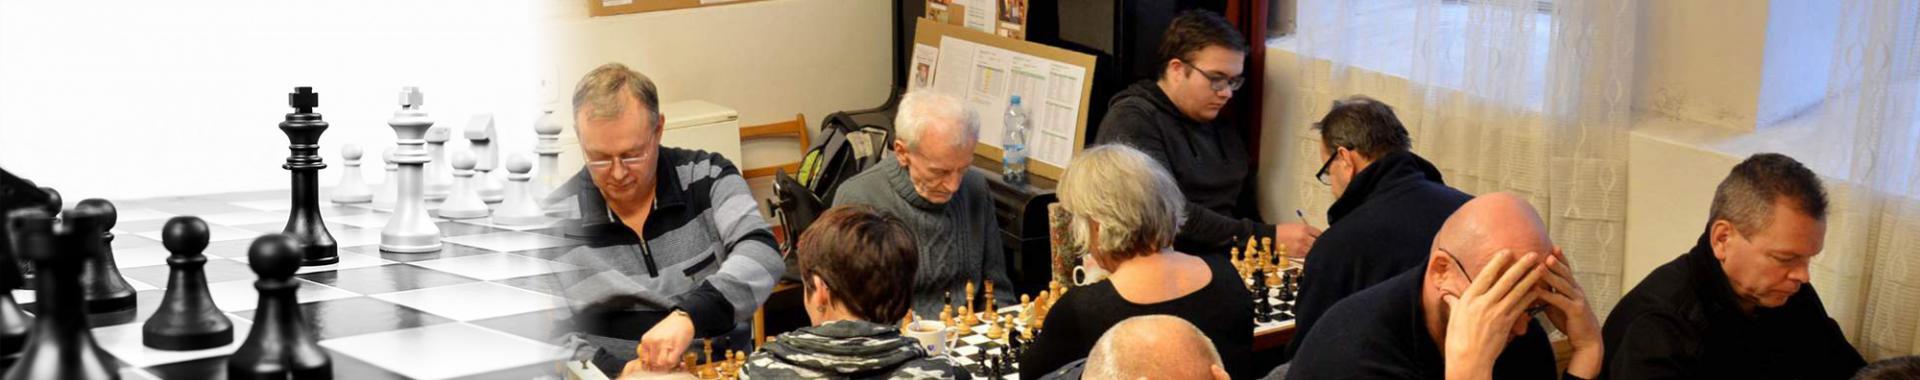 šachy, ov ksčm praha 5